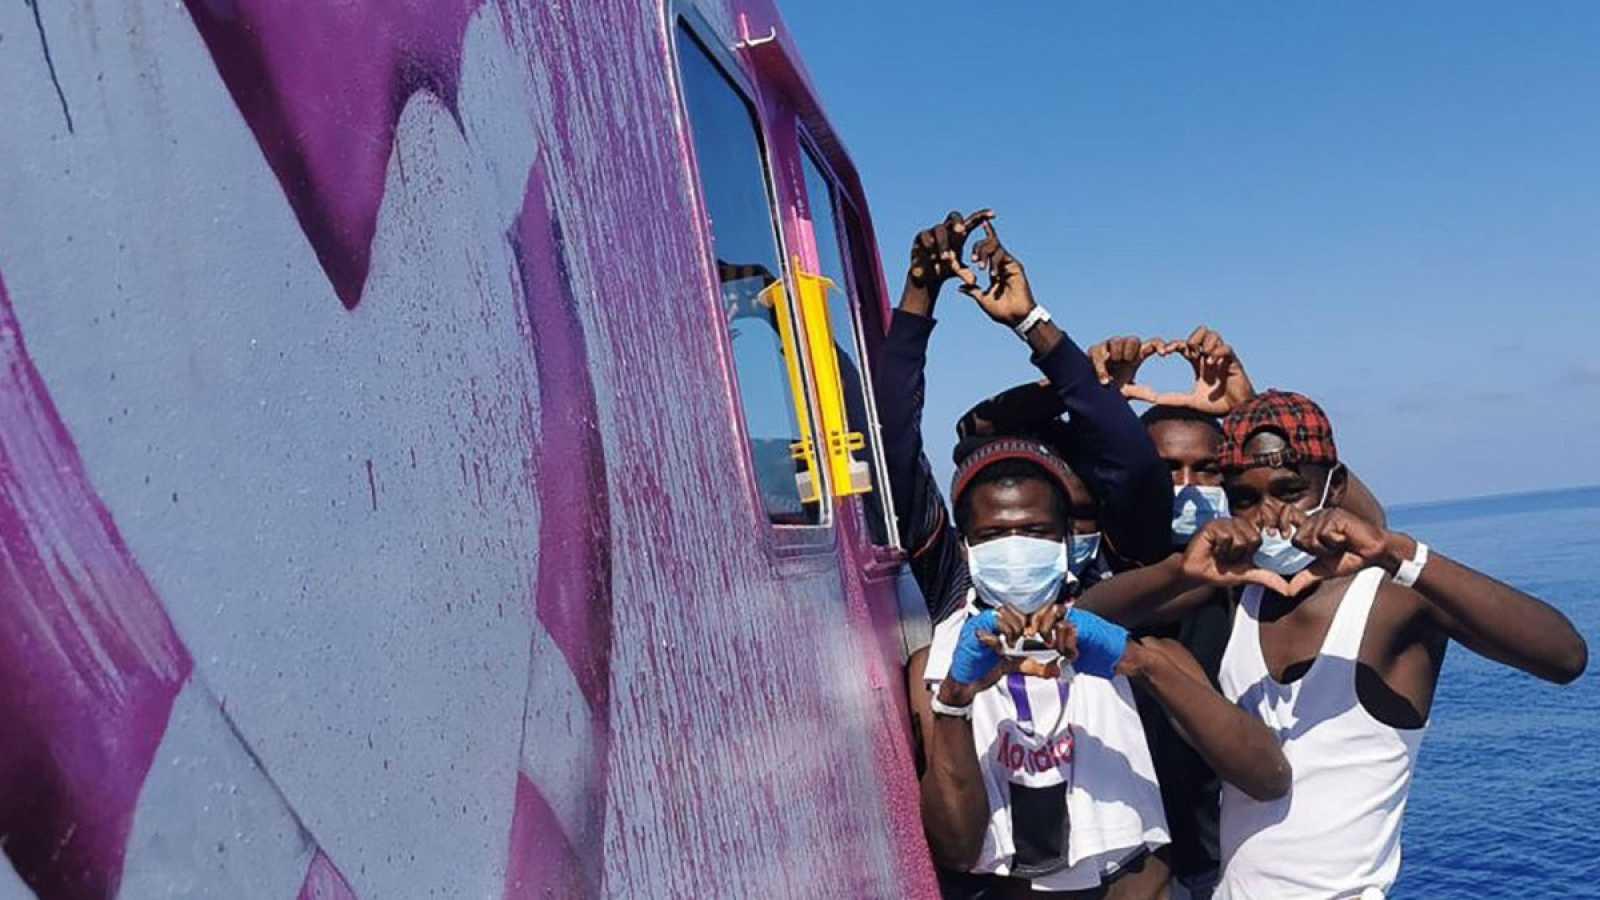 La Guardia Costera italiana acude en ayuda del Louise Michel, el barco humanitario financiado por Banksy